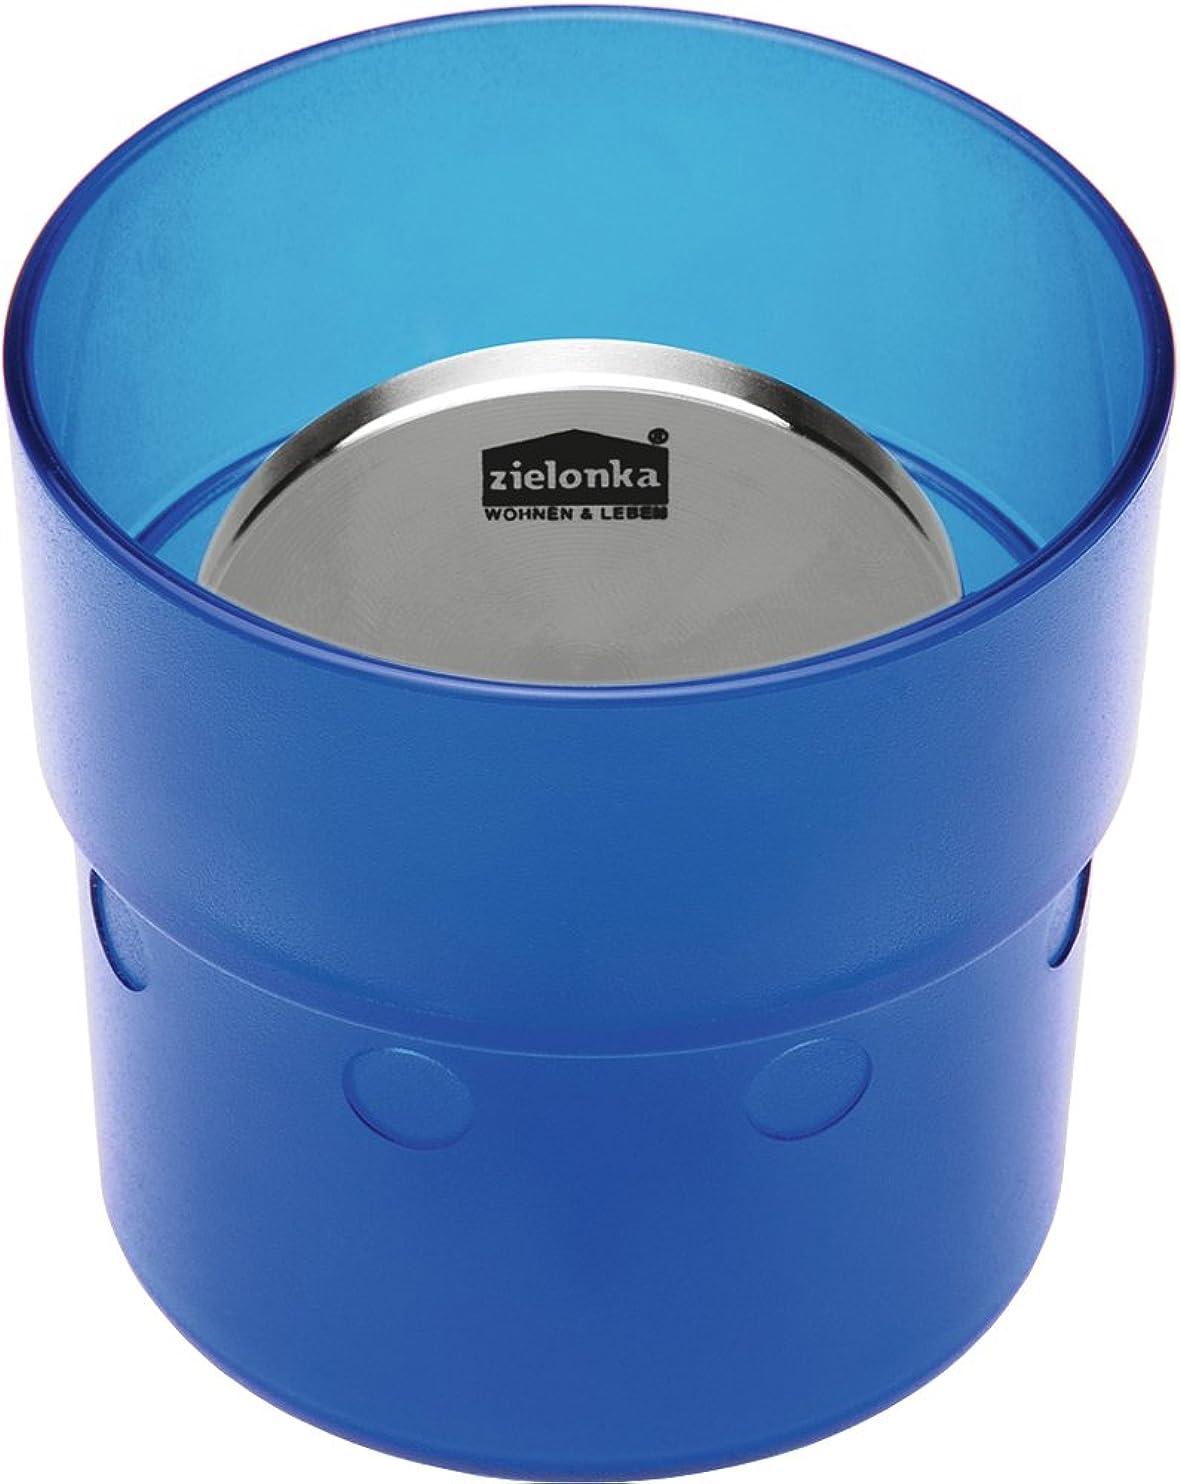 ほのめかす葡萄しなければならないzielonka (ジロンカ) ワールドクリエイト 消臭 スメルキラー 冷蔵庫用 カップ ブルー 62146